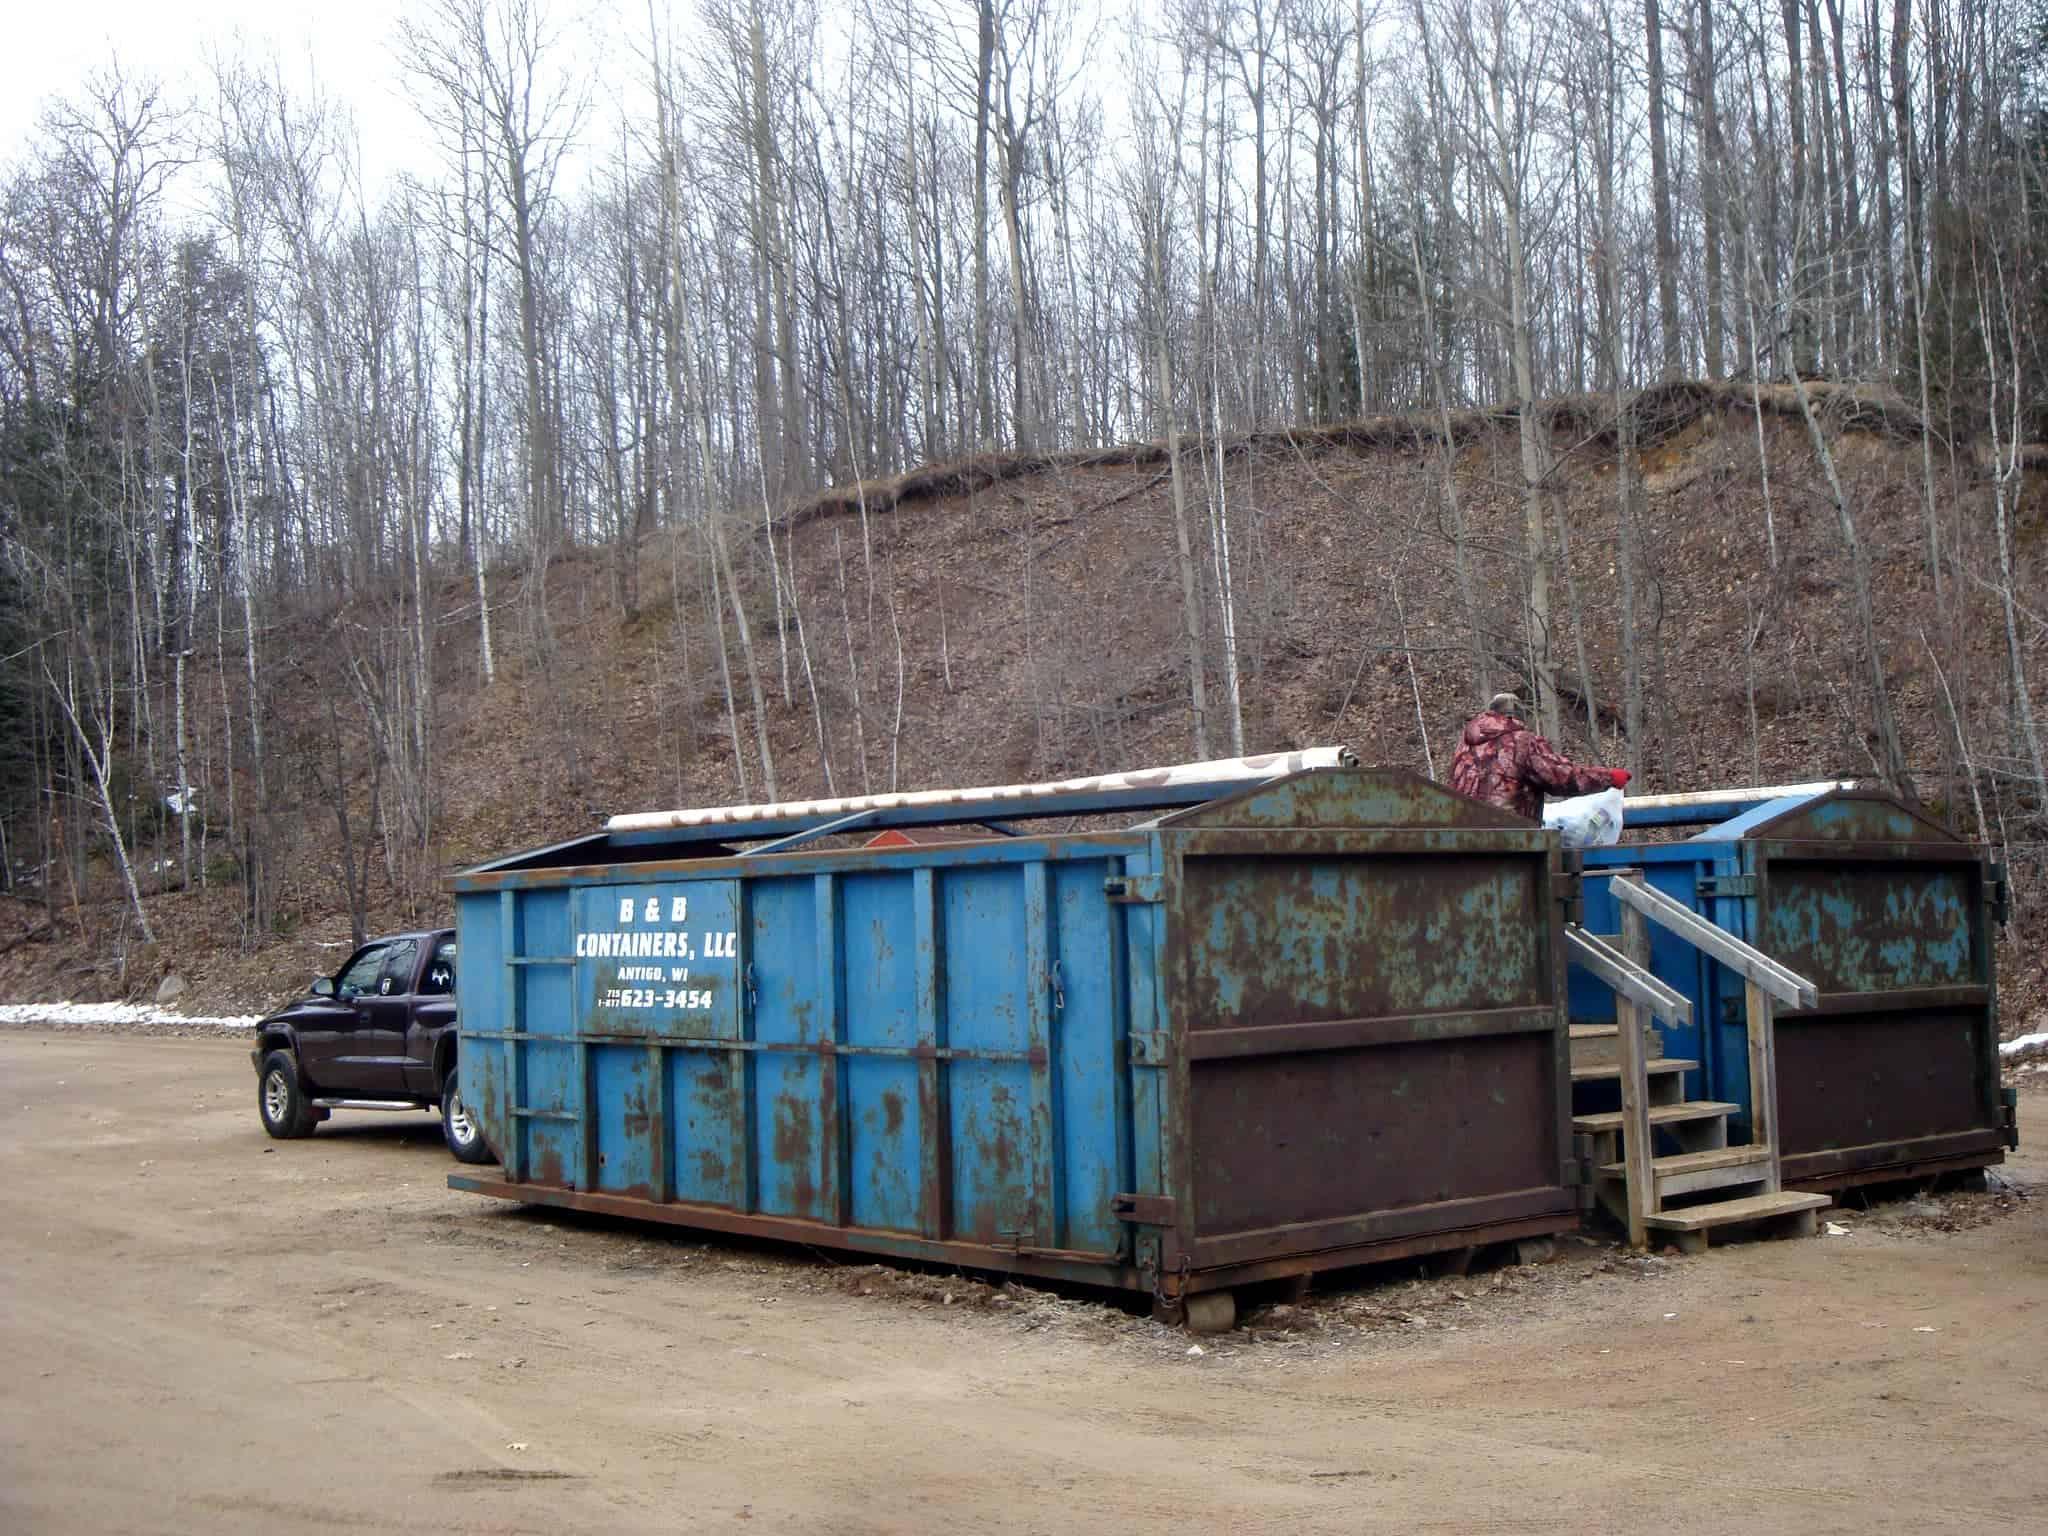 1 – Transfer Station Garbage bins